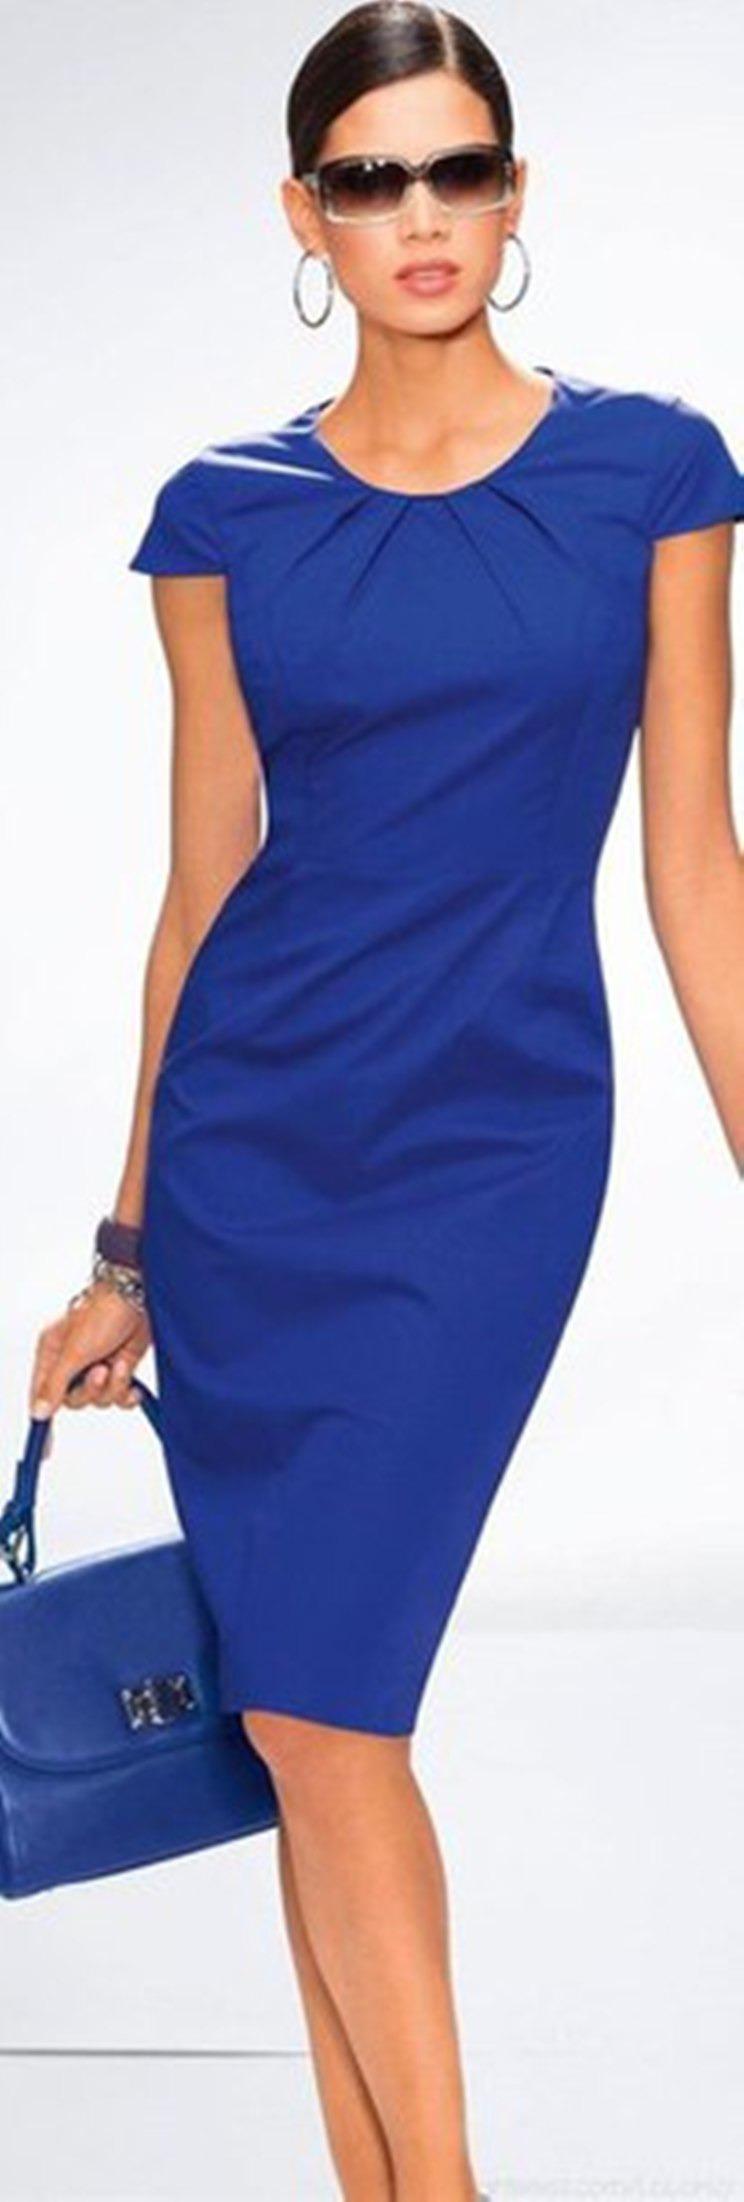 Сшить платье фото моделей